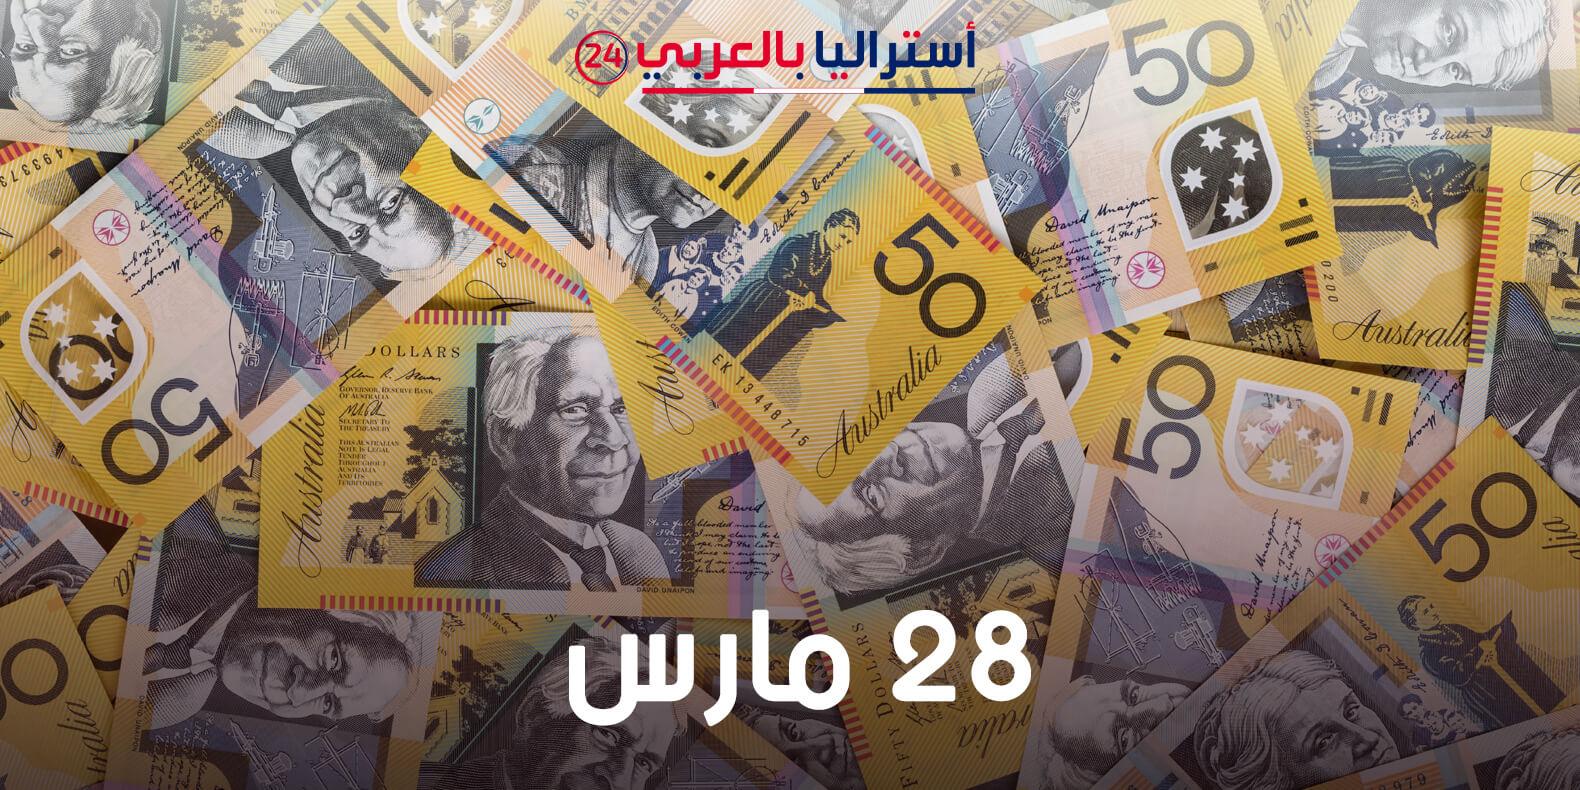 سعر الدولار الاسترالي مقابل العملات العالمية والعربية اليوم 28 مارس